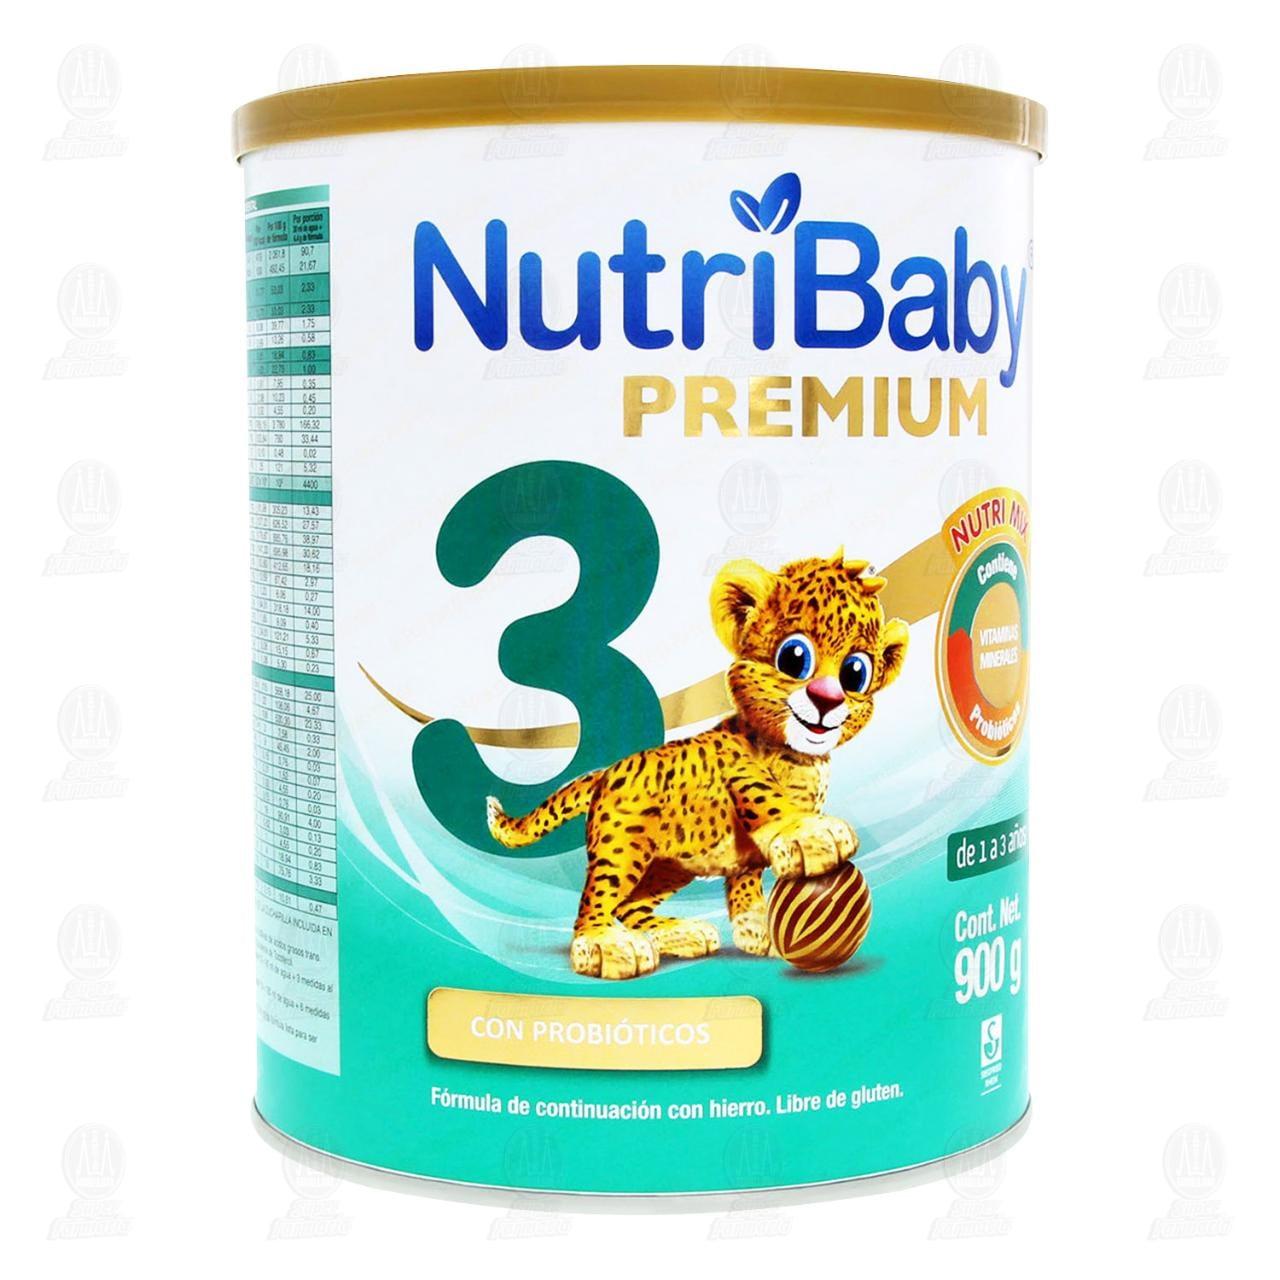 Comprar Fórmula Infantil NutriBaby Premium 3 en Polvo (Edad 1-3 Años), 900 gr. en Farmacias Guadalajara